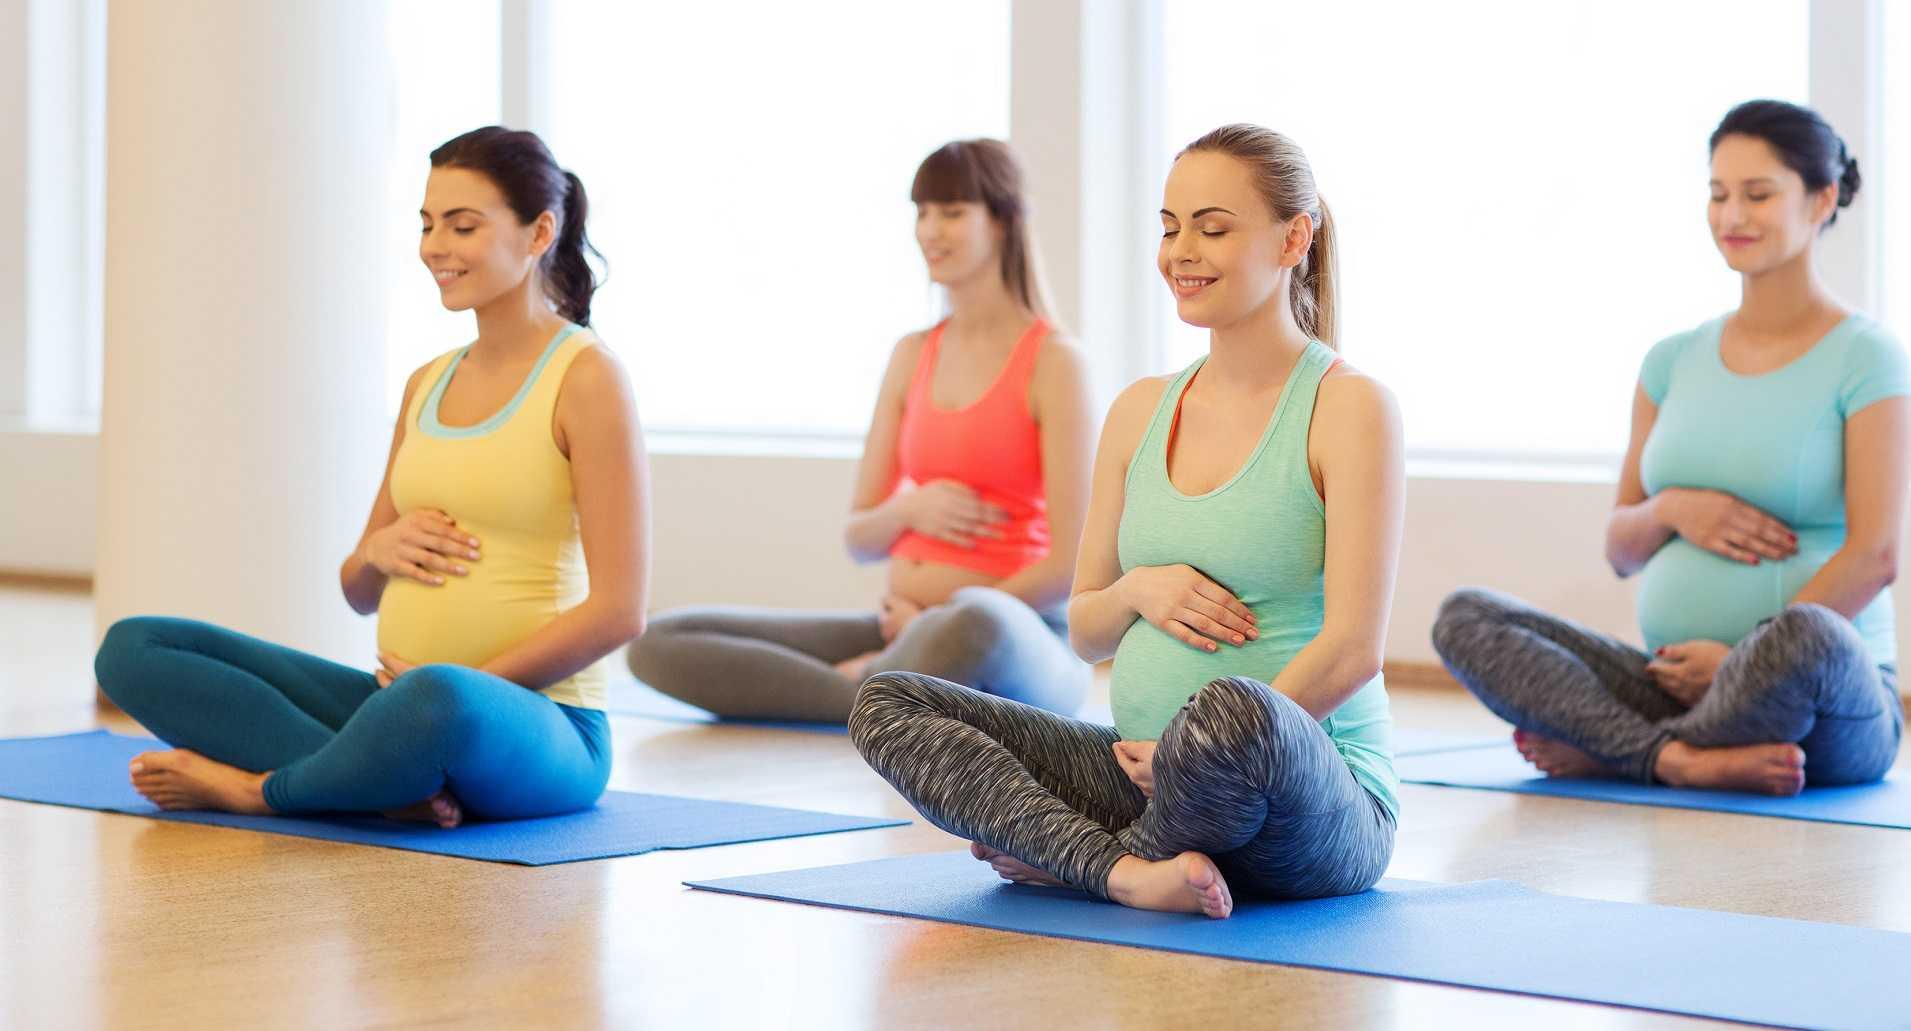 Йога для беременных на 3 триместре: основные асаны